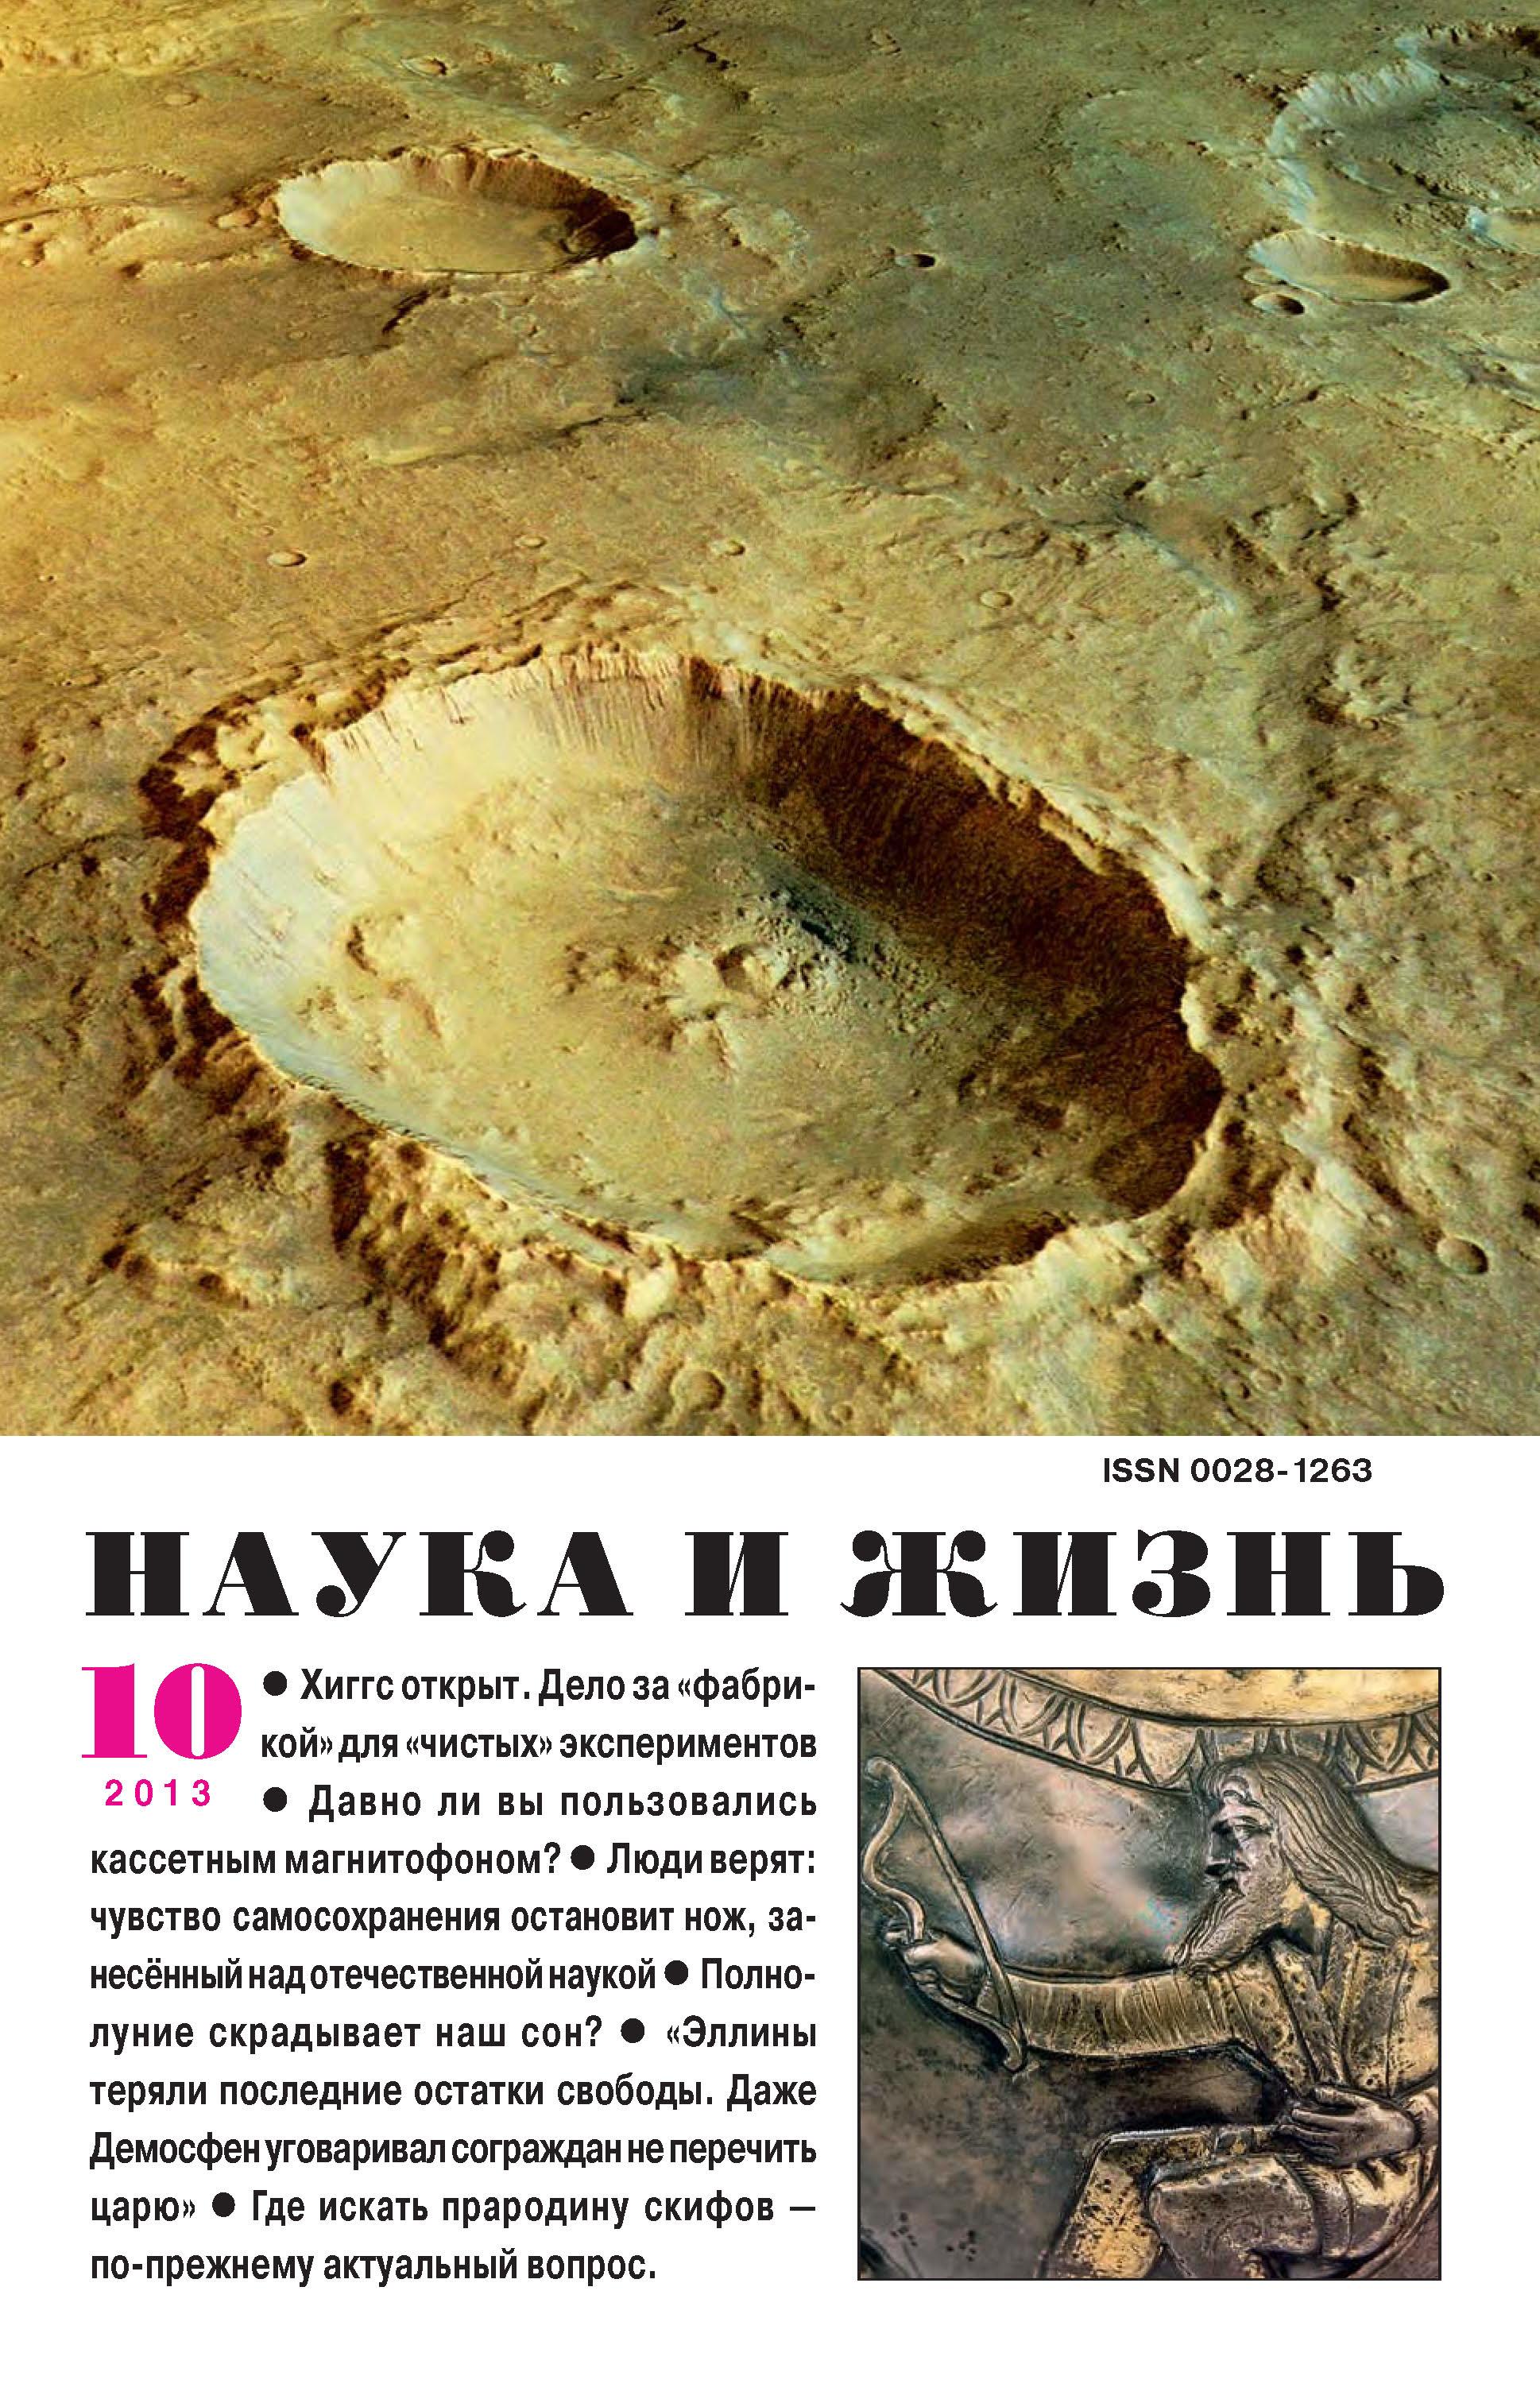 Наука и жизнь №10/2013